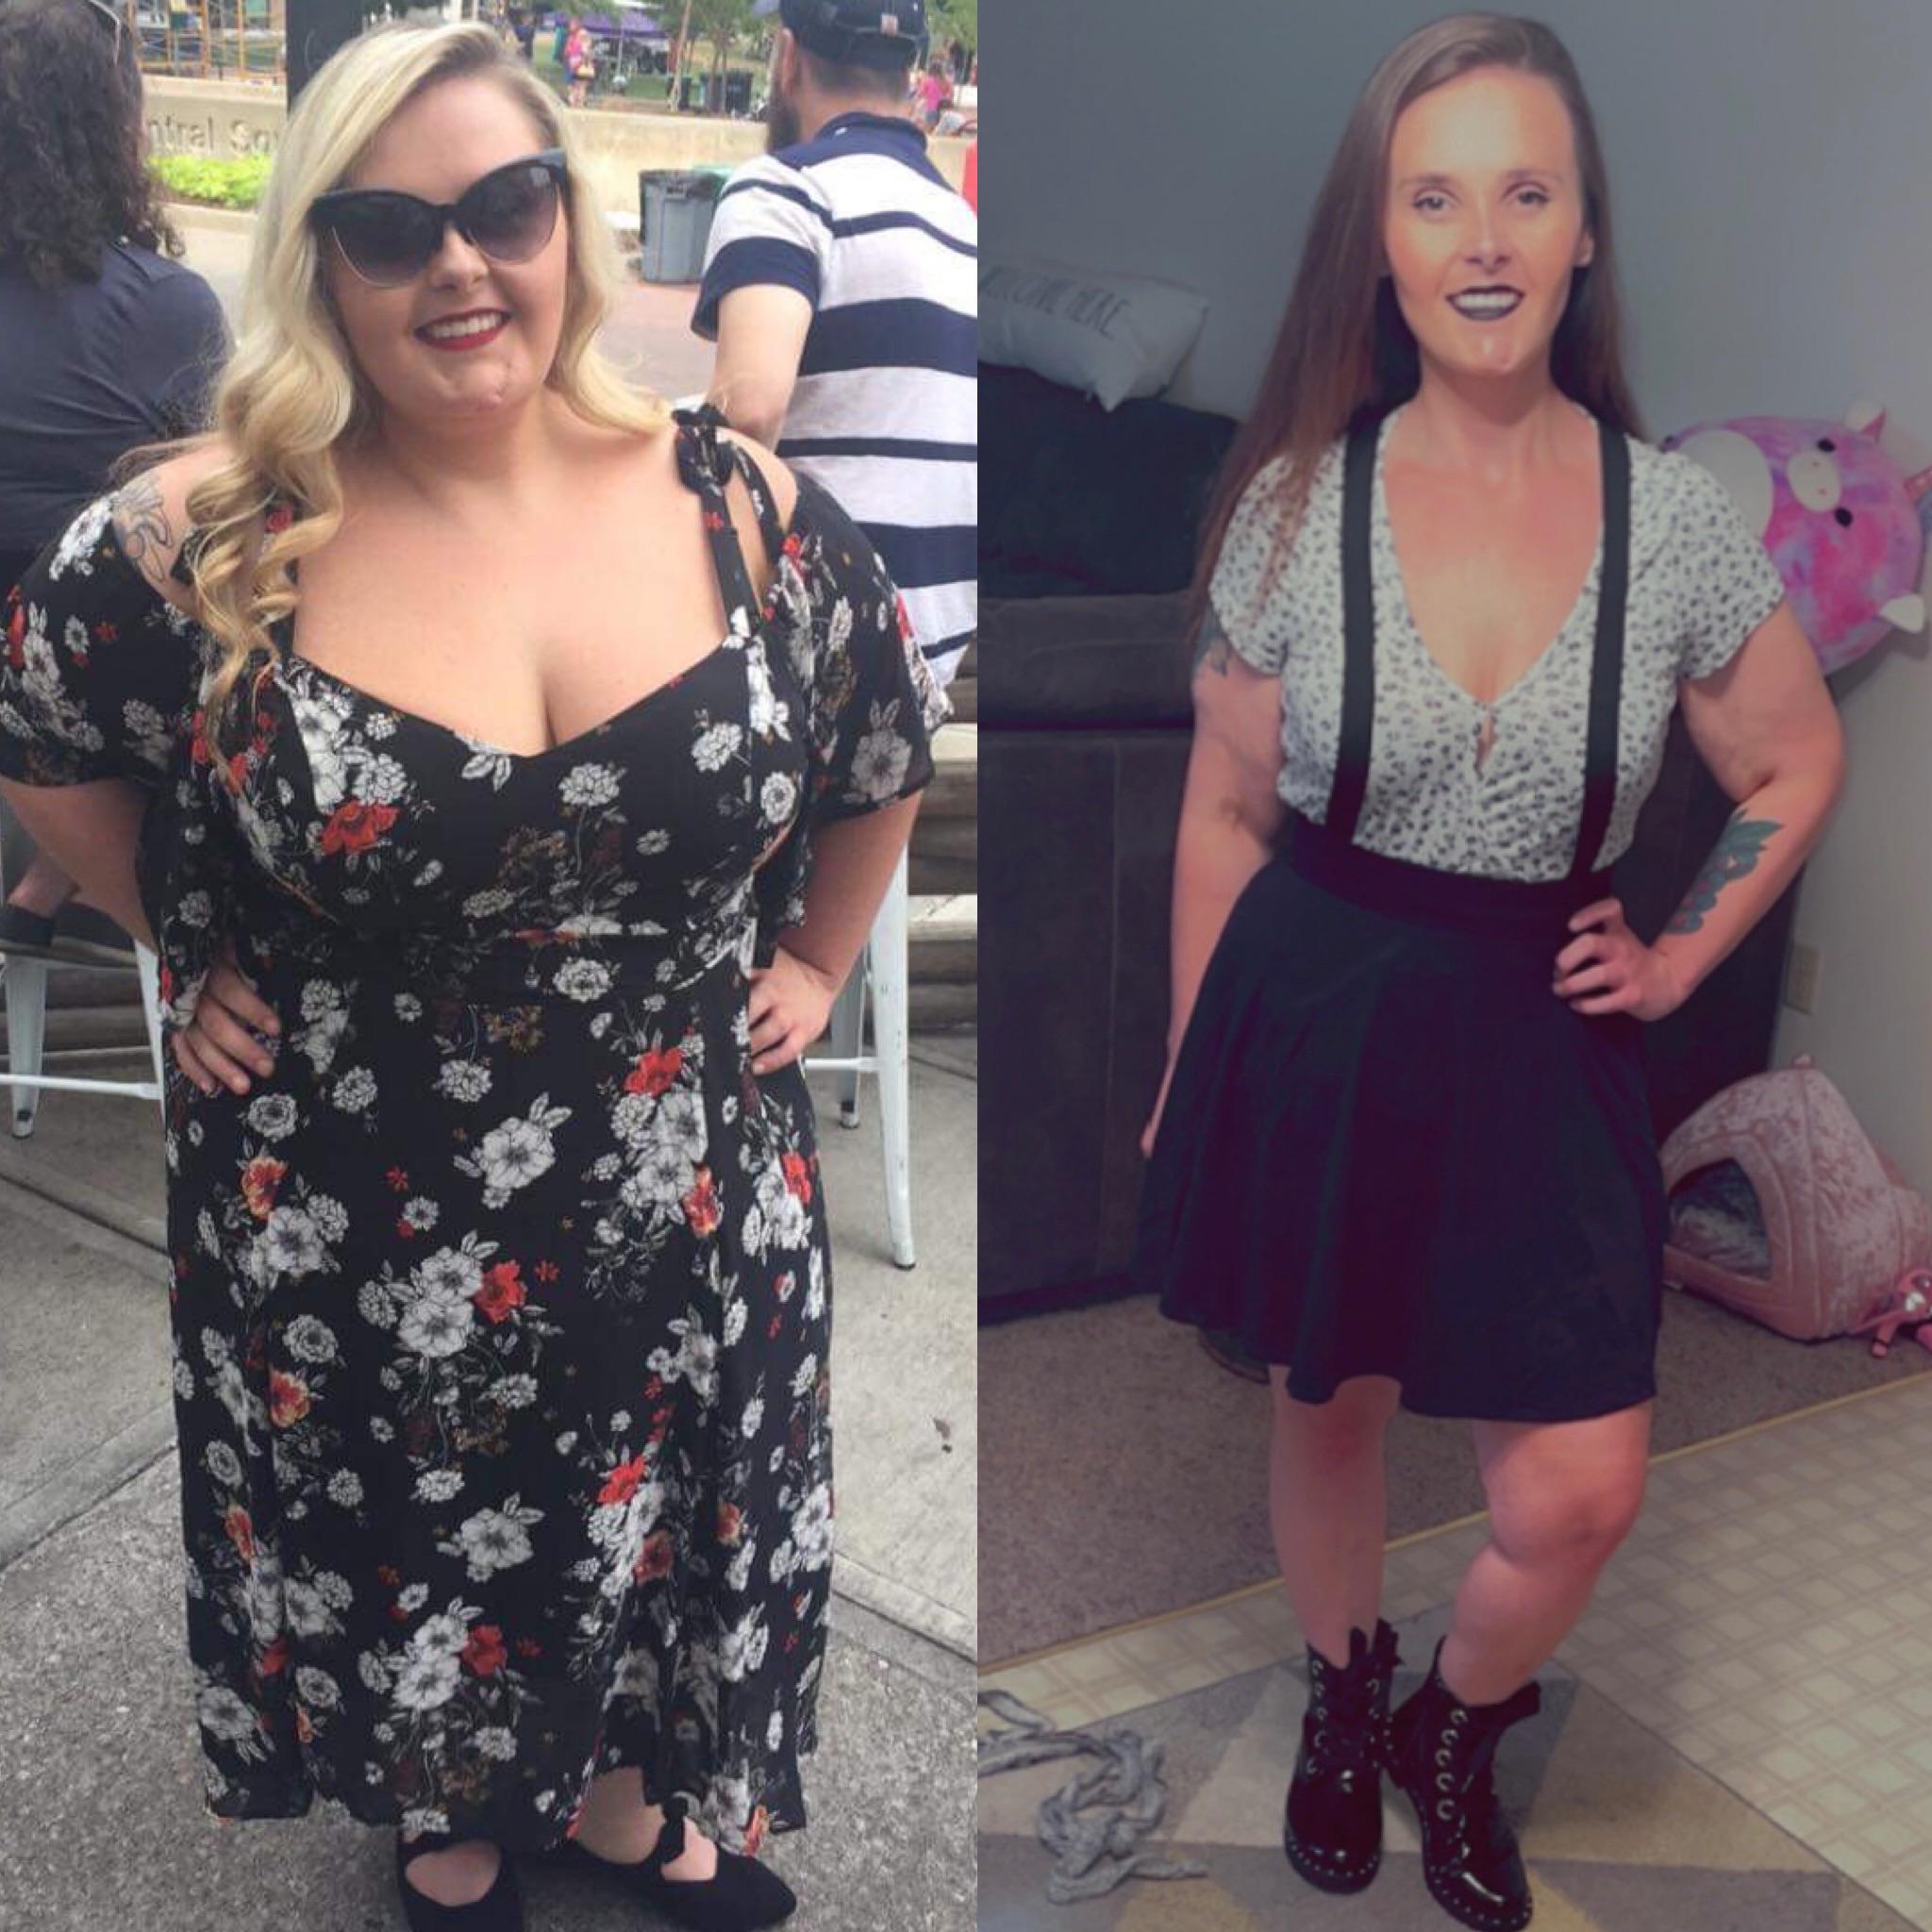 5 foot 2 Female Progress Pics of 145 lbs Fat Loss 280 lbs to 135 lbs